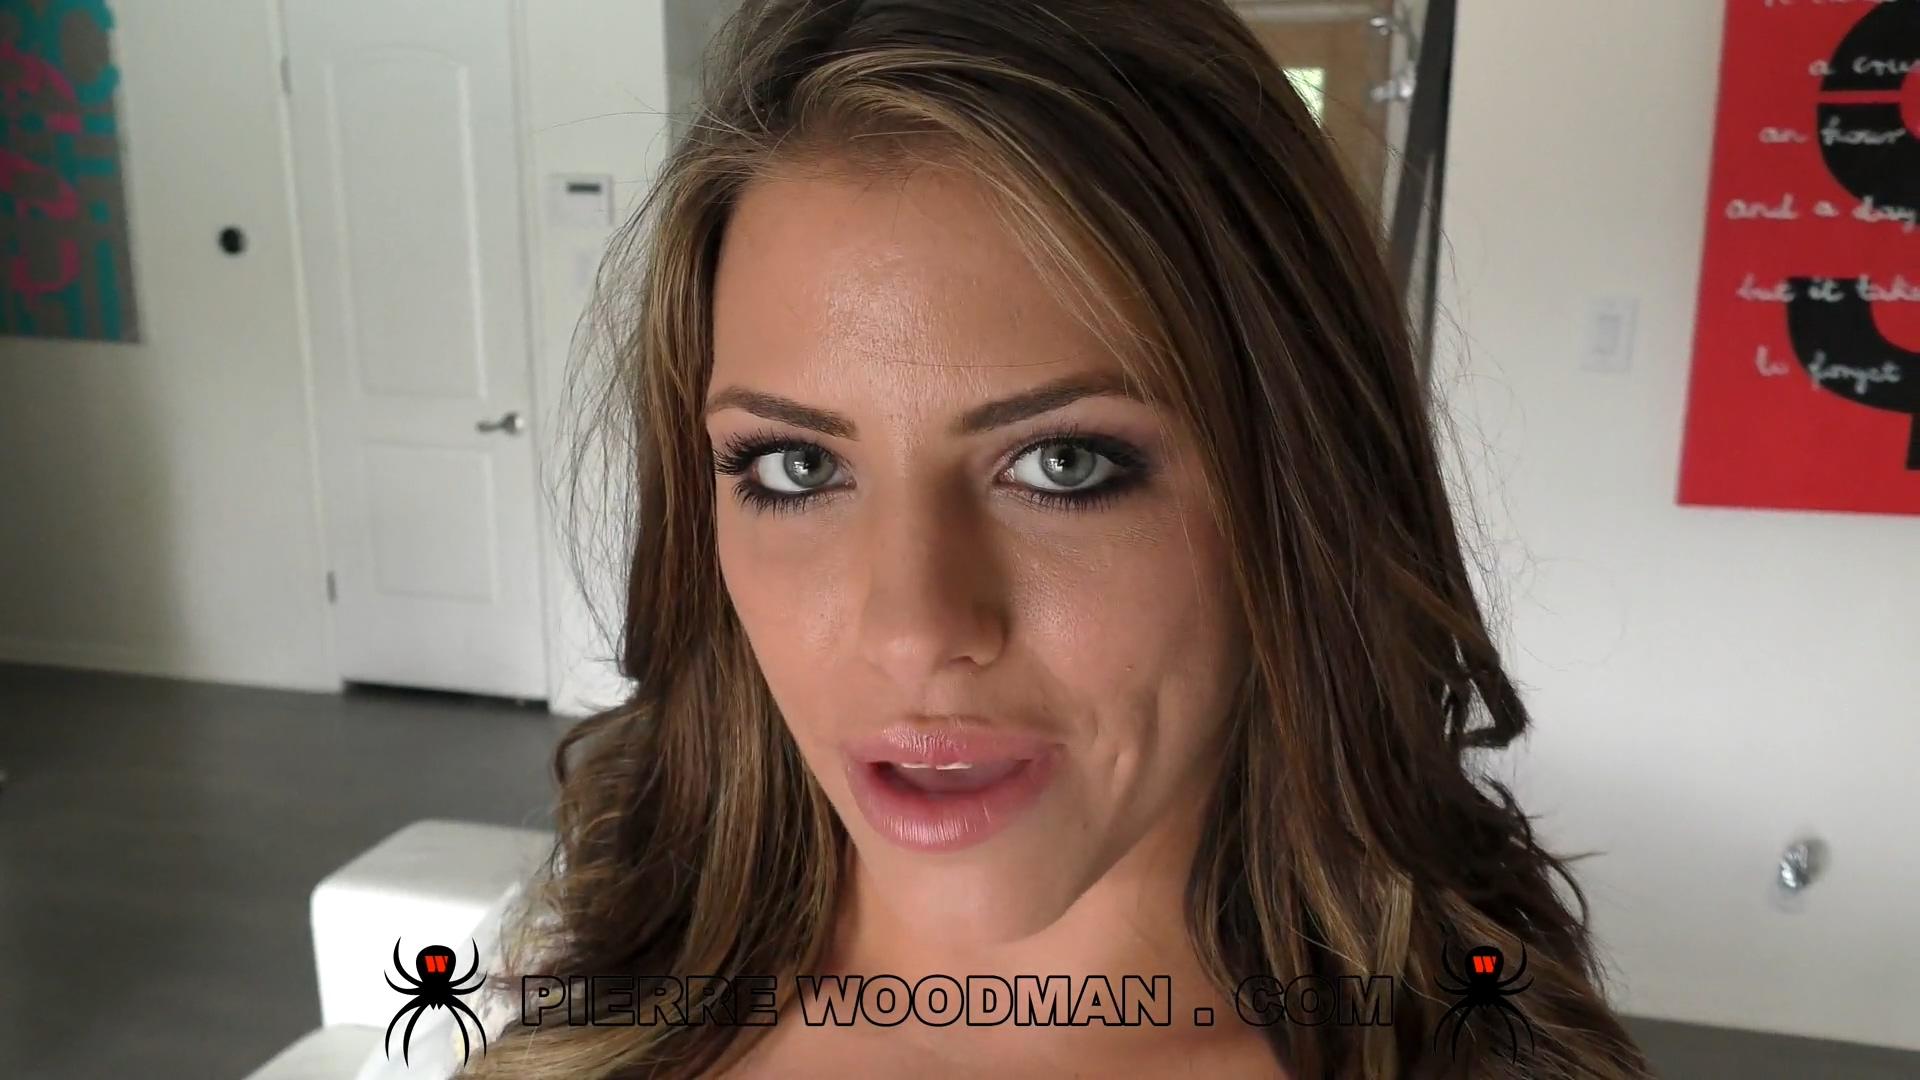 woodmancastingx_16_04_09_adriana_chechik_hard_mp4_20190709_132002_163.jpg